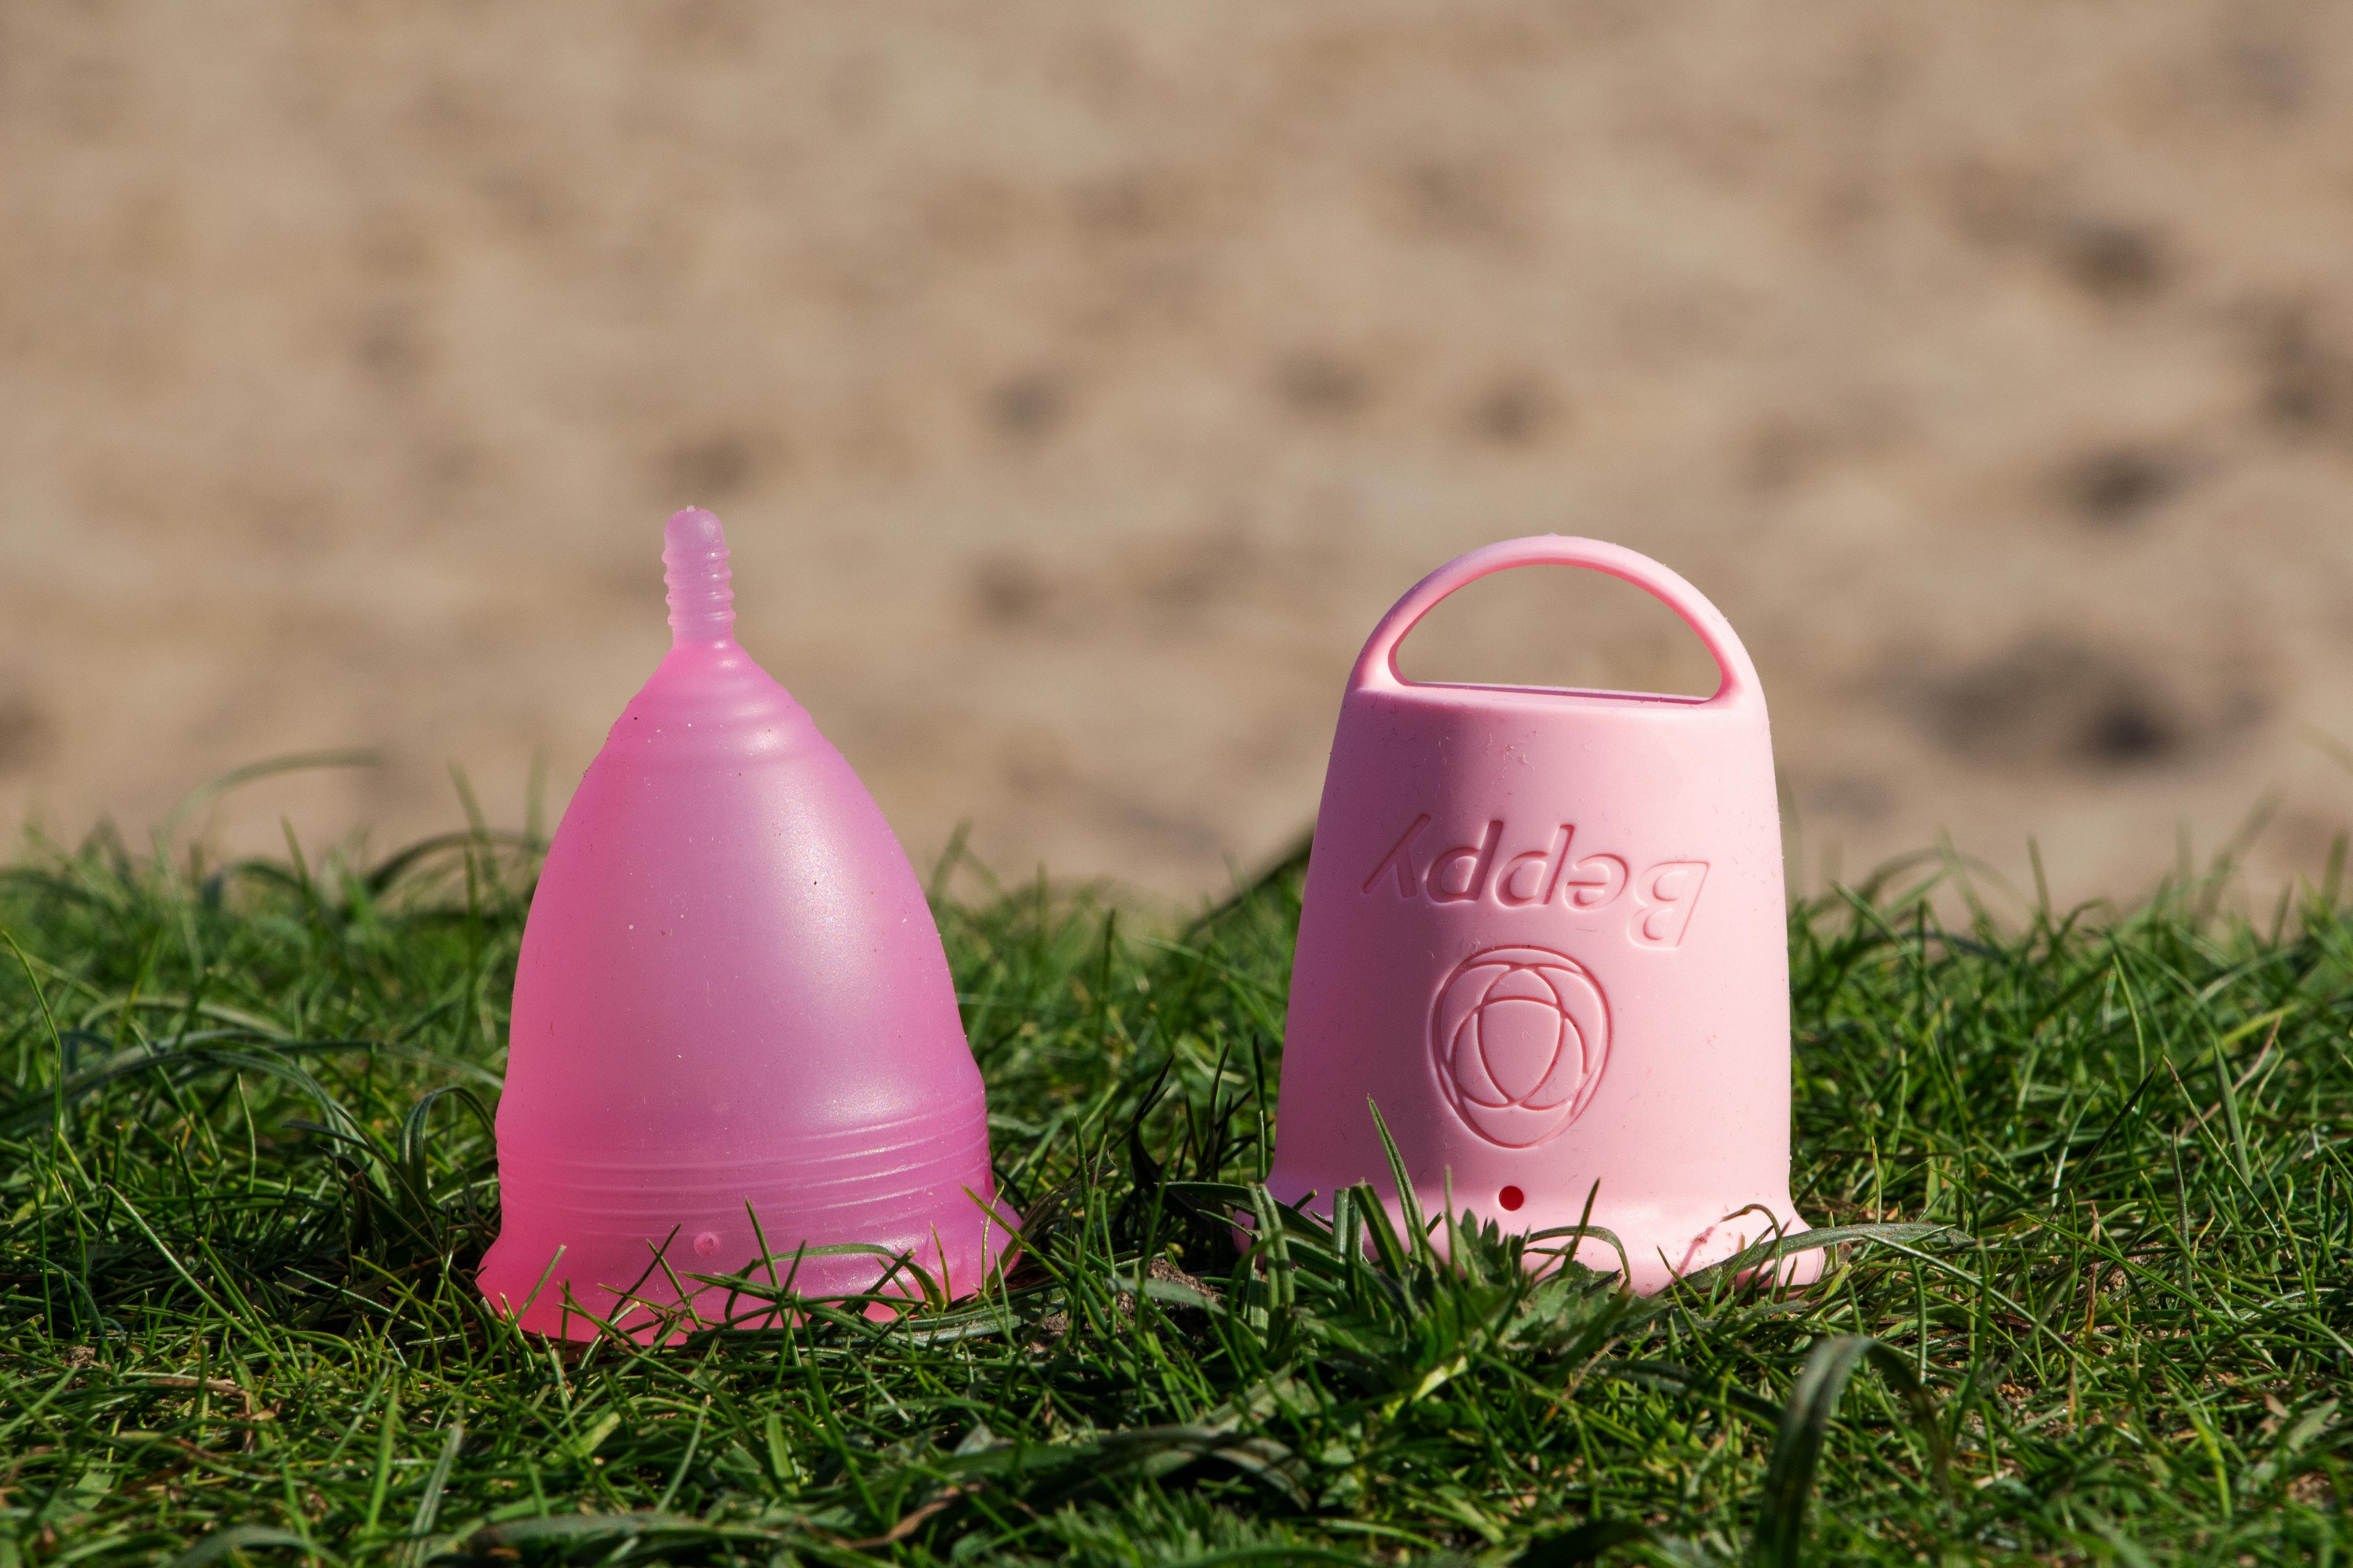 kubeczek menstruacyjny, Kubeczek menstruacyjny Beppy Cup, Kubeczek menstruacyjny BEPPY CUP i Tampony BEPPY